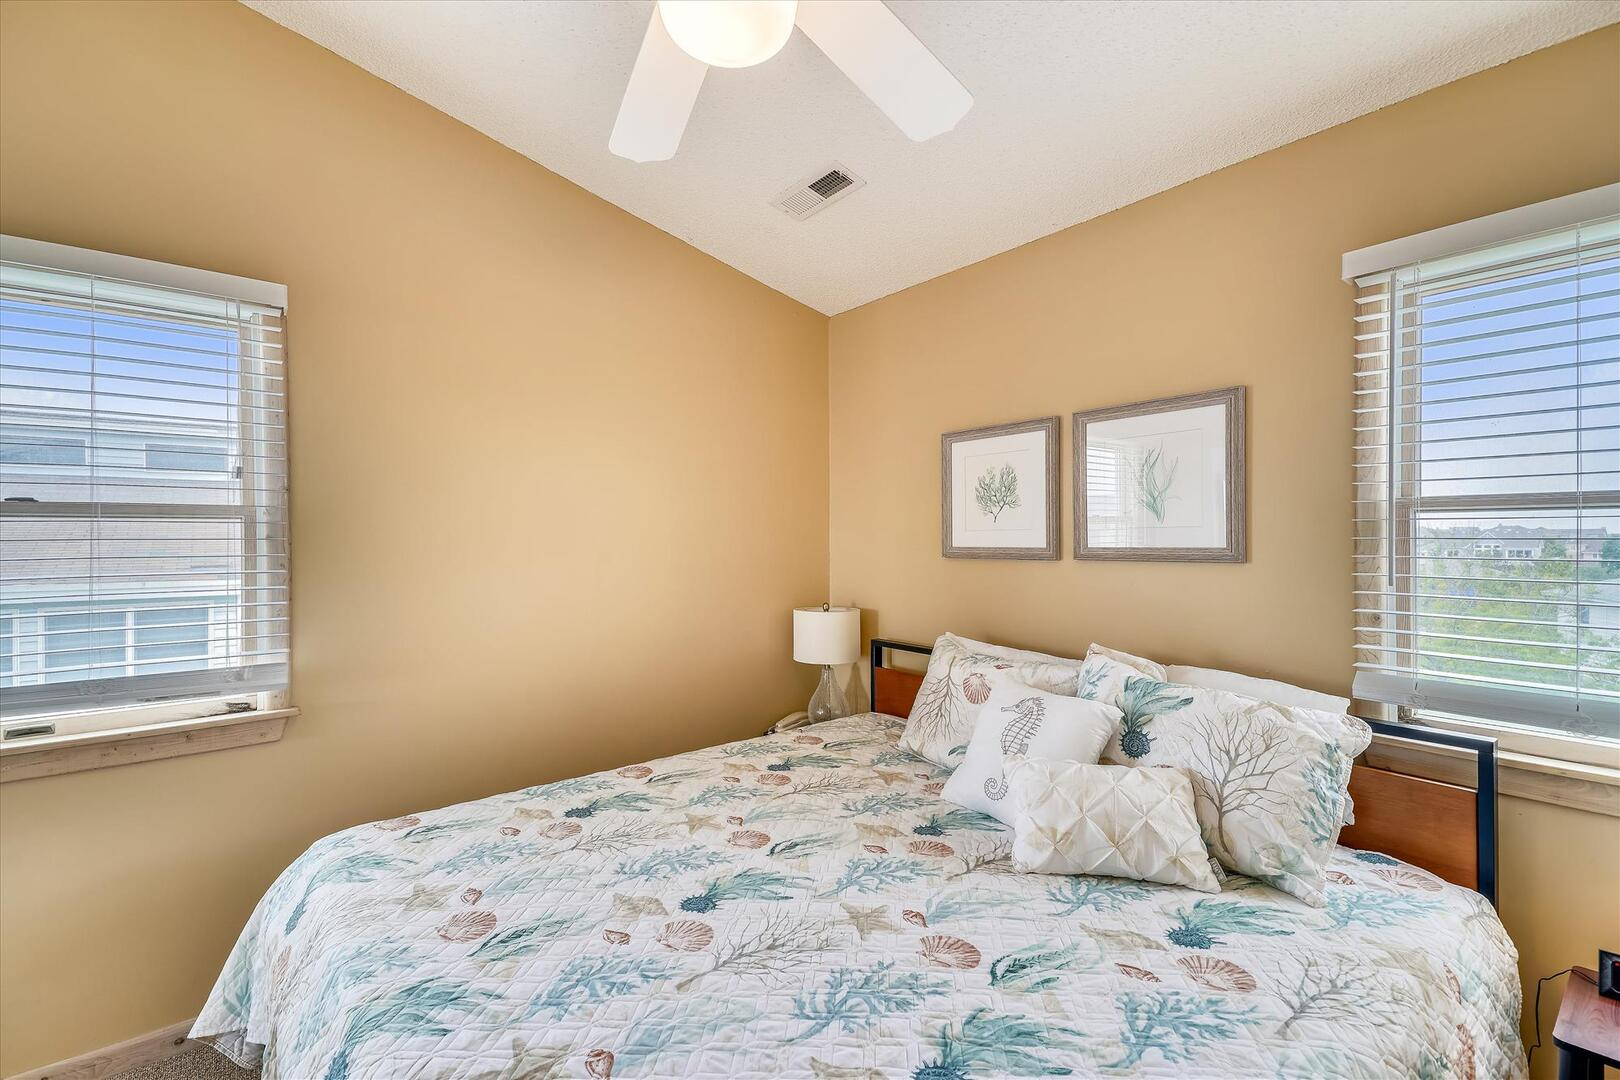 Upper/ Main Floor,Bedroom,